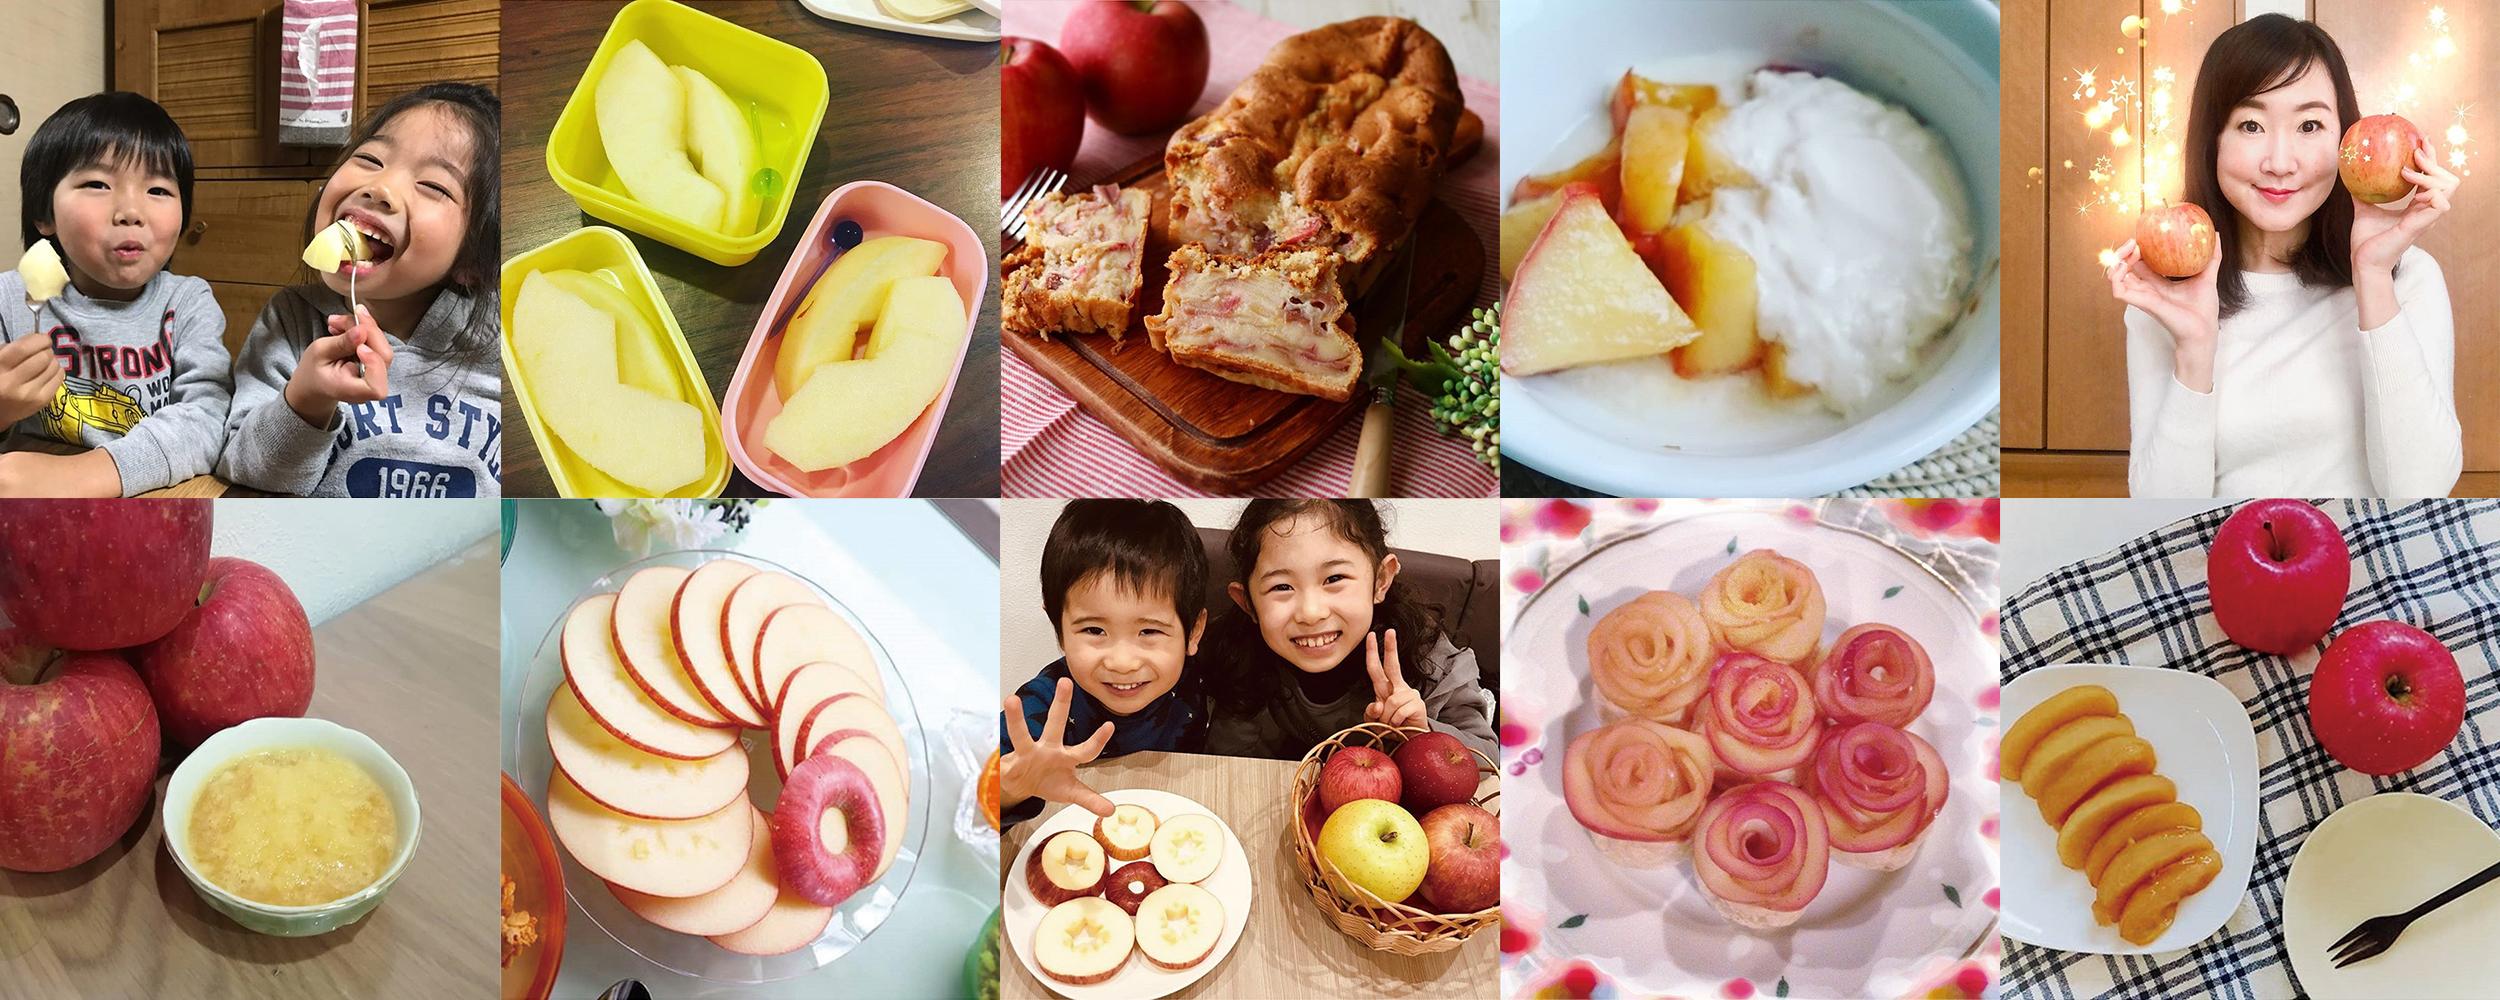 私の美活は食べるだけ青森りんごキャンペーン1月結果